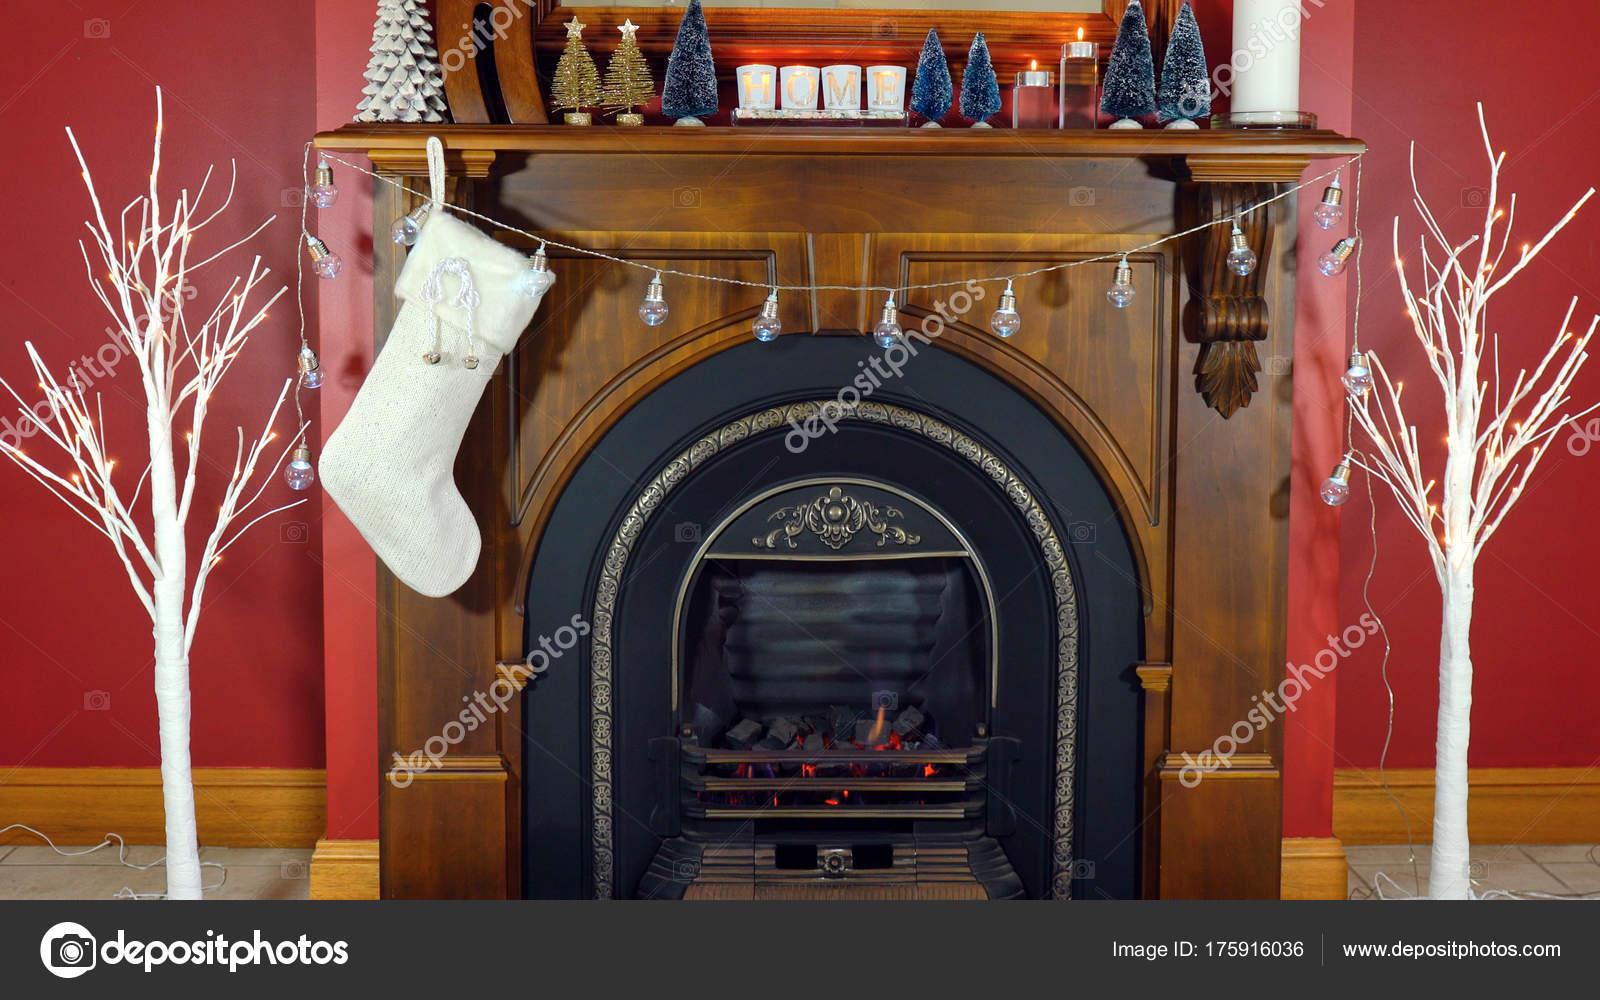 Gemütliche Weihnachten Urlaub Dekoriert Kaminsims Und Feuer Legen In Roten  Und Weißen Design U2014 Foto Von ...